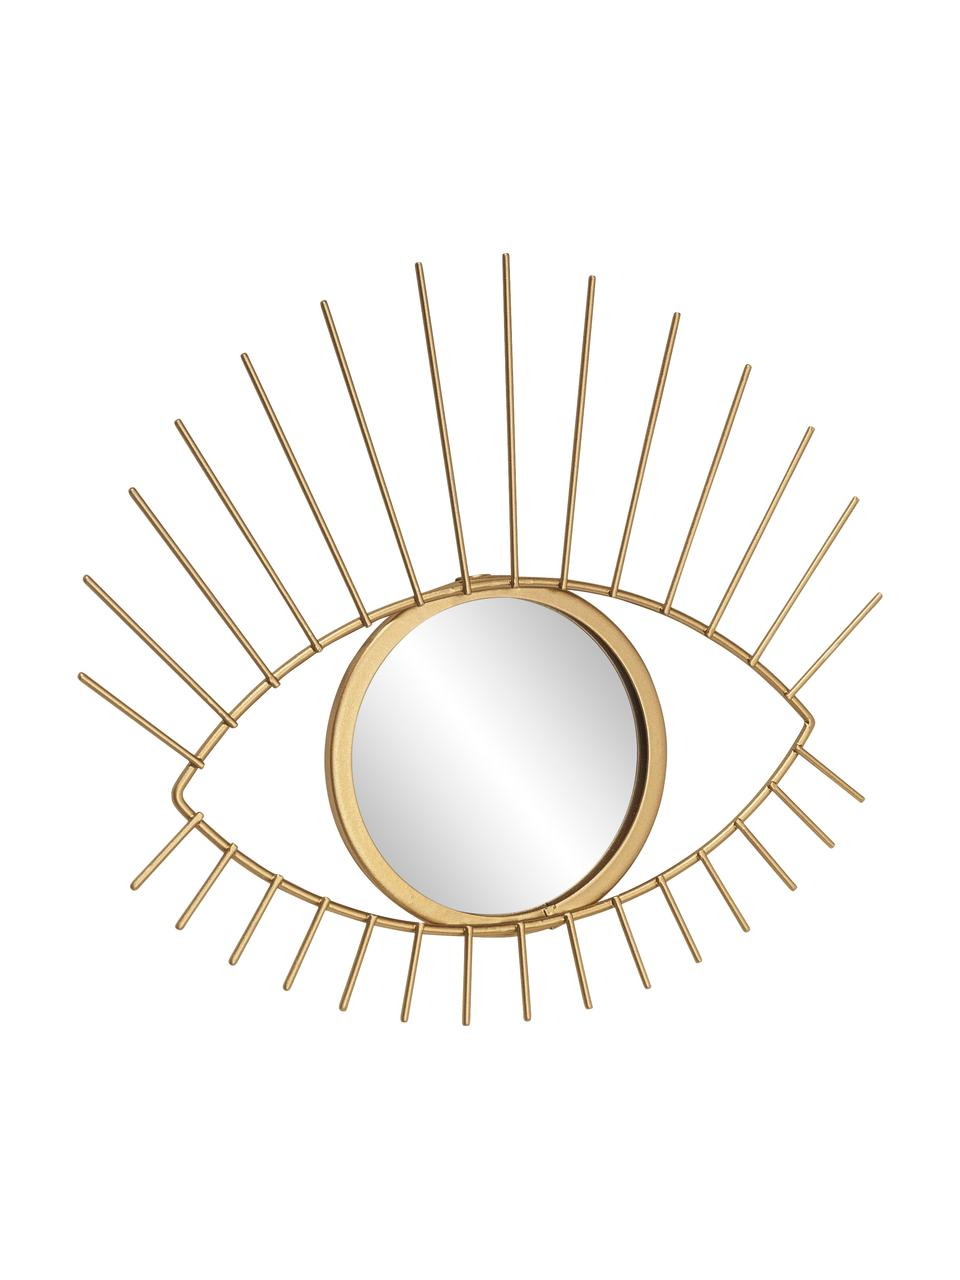 Deko-Wandspiegel Lashes mit goldenem Metallrahmen, Rahmen: Metall, beschichtet, Spiegelfläche: Spiegelglas, Goldfarben, 27 x 31 cm